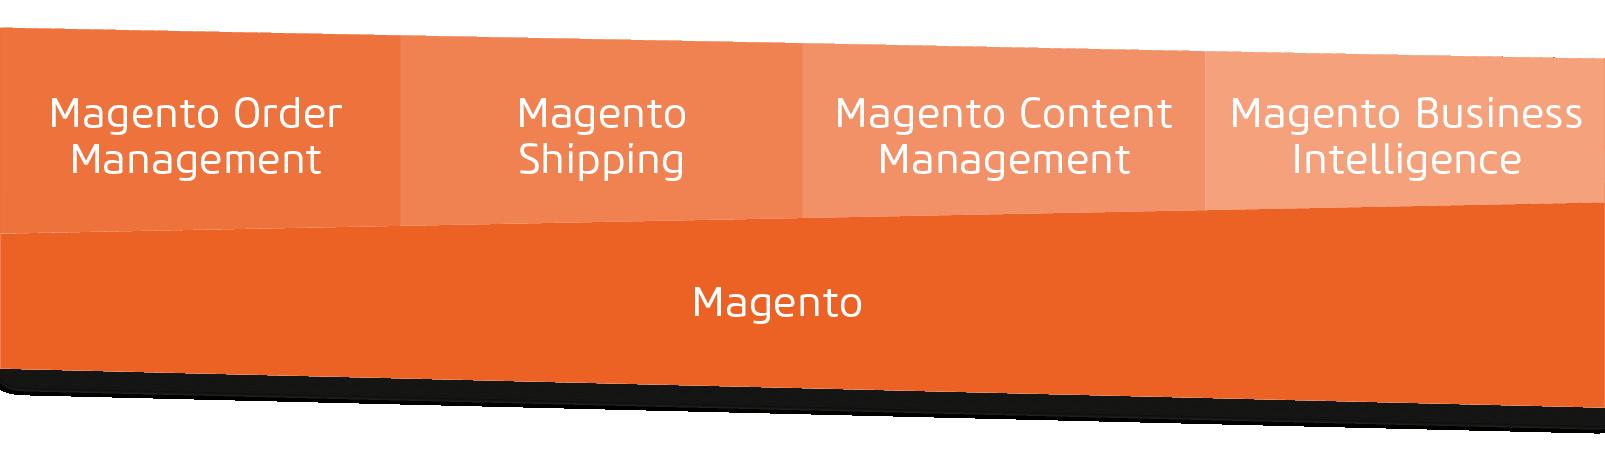 Die Magento-Produktwelt hat auch einiges zu bieten.